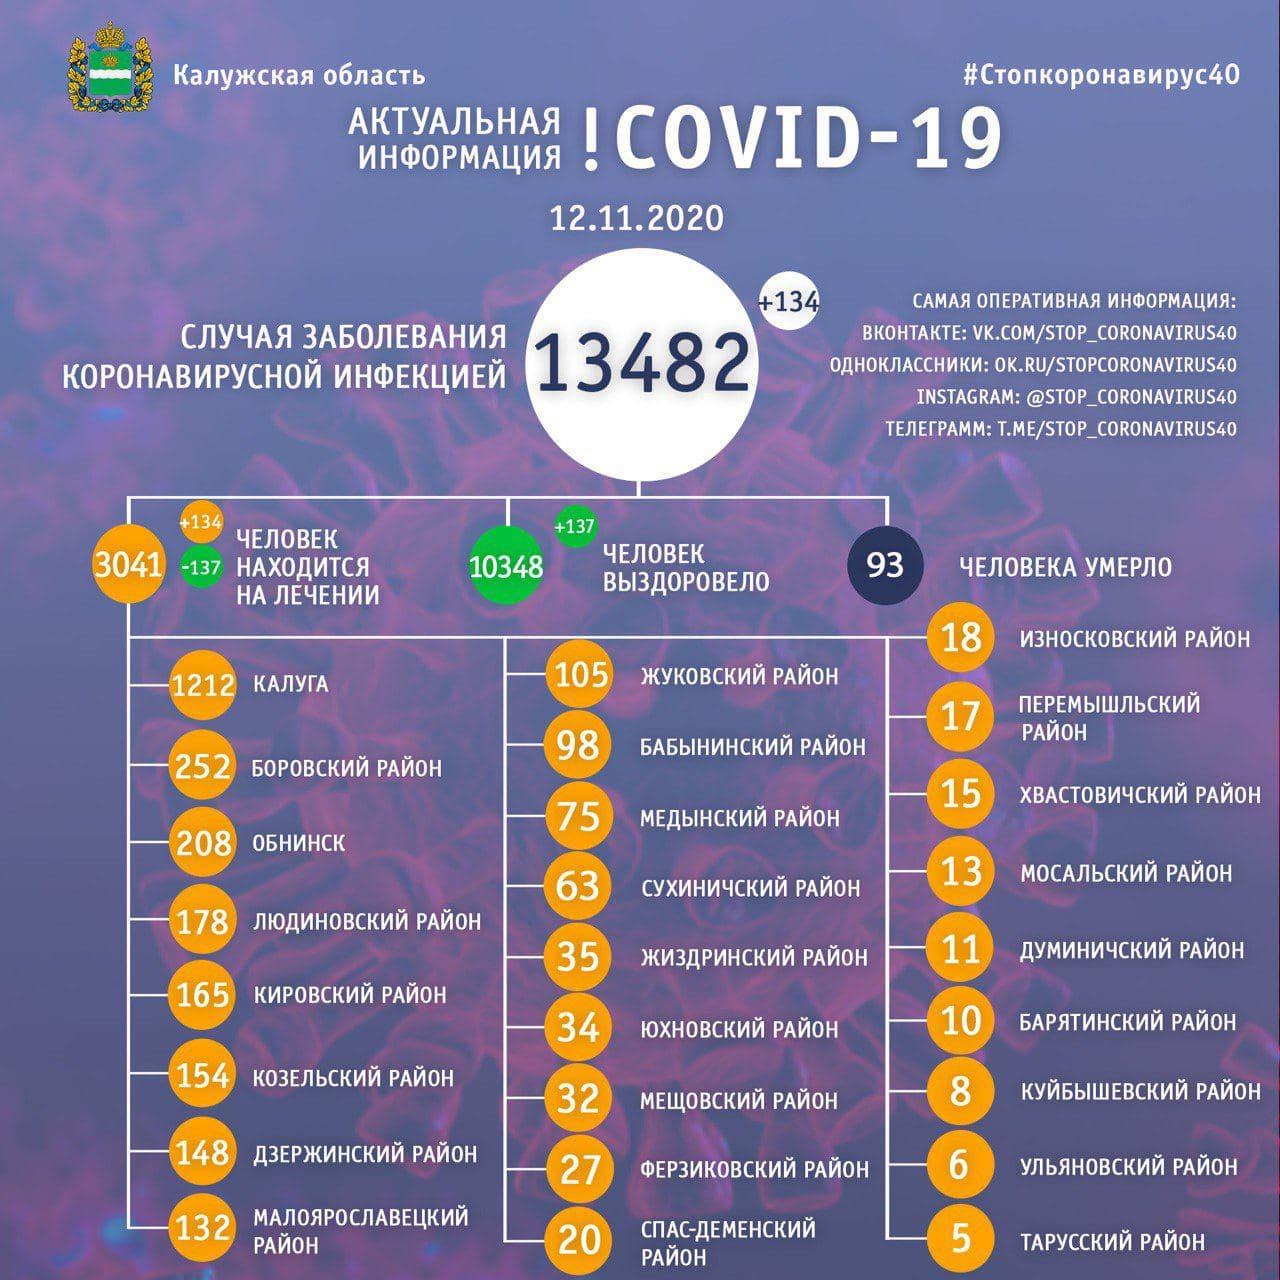 Официальная статистика по коронавирусу в Калужской области на 12 ноября 2020 года.